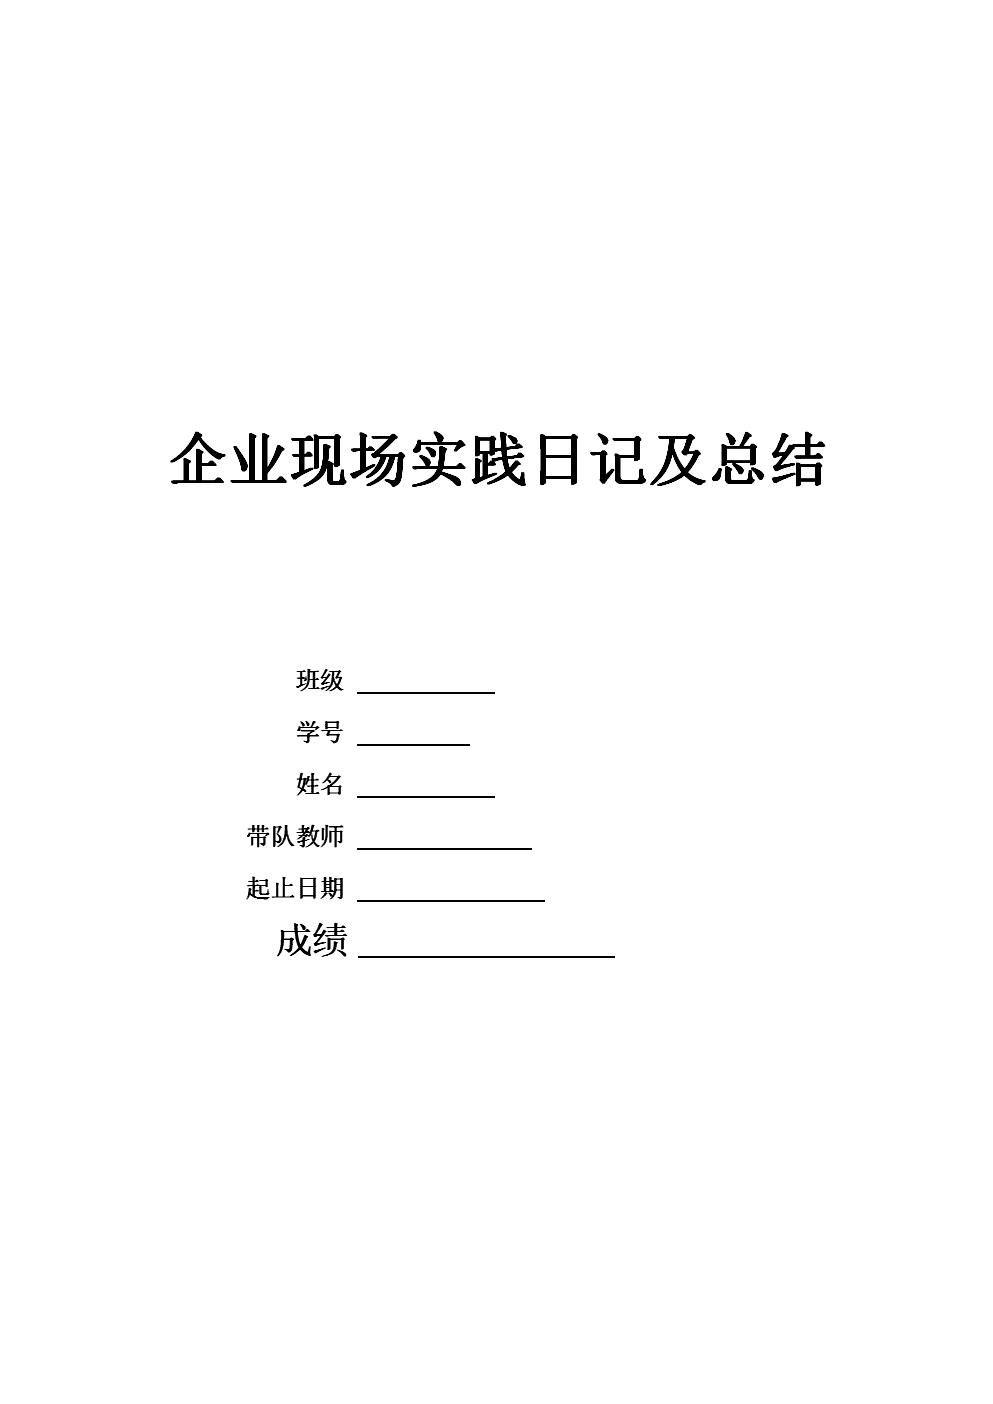 东风(十堰)实习日记及总结(胡双涛).docx